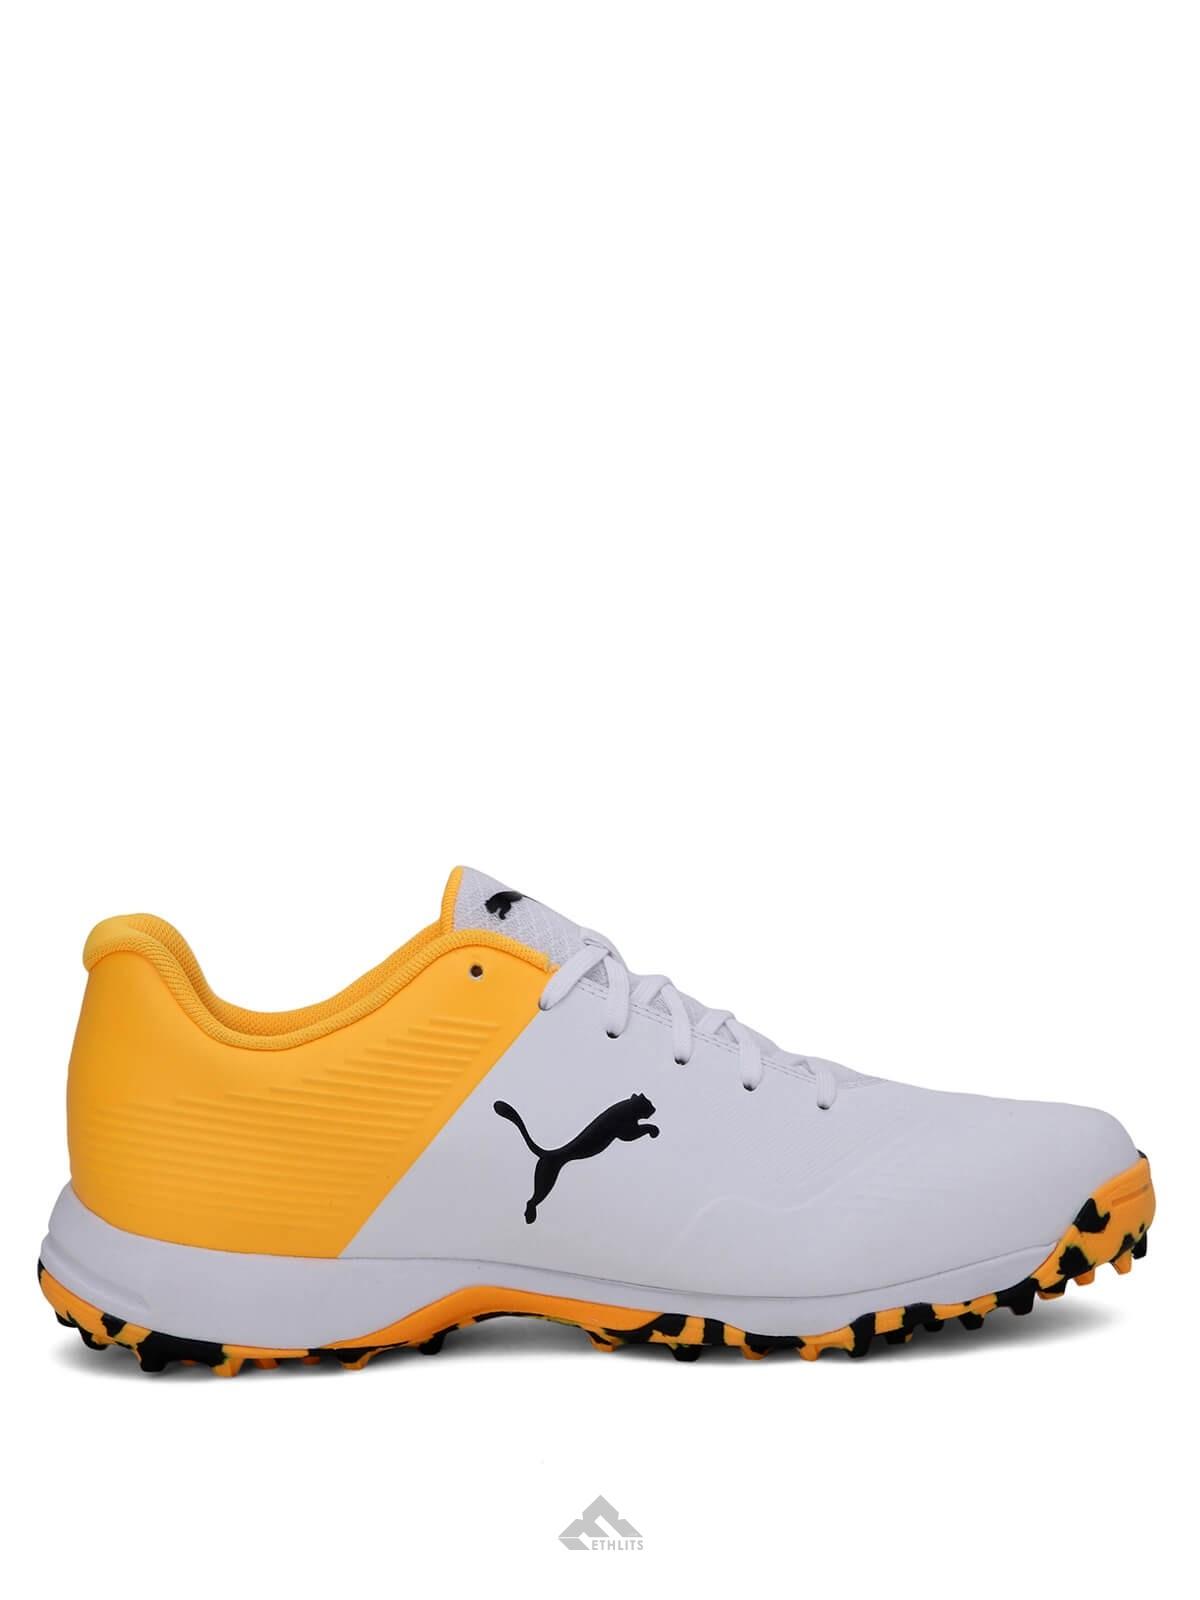 Buy Puma 19 FH Orange/White Rubber